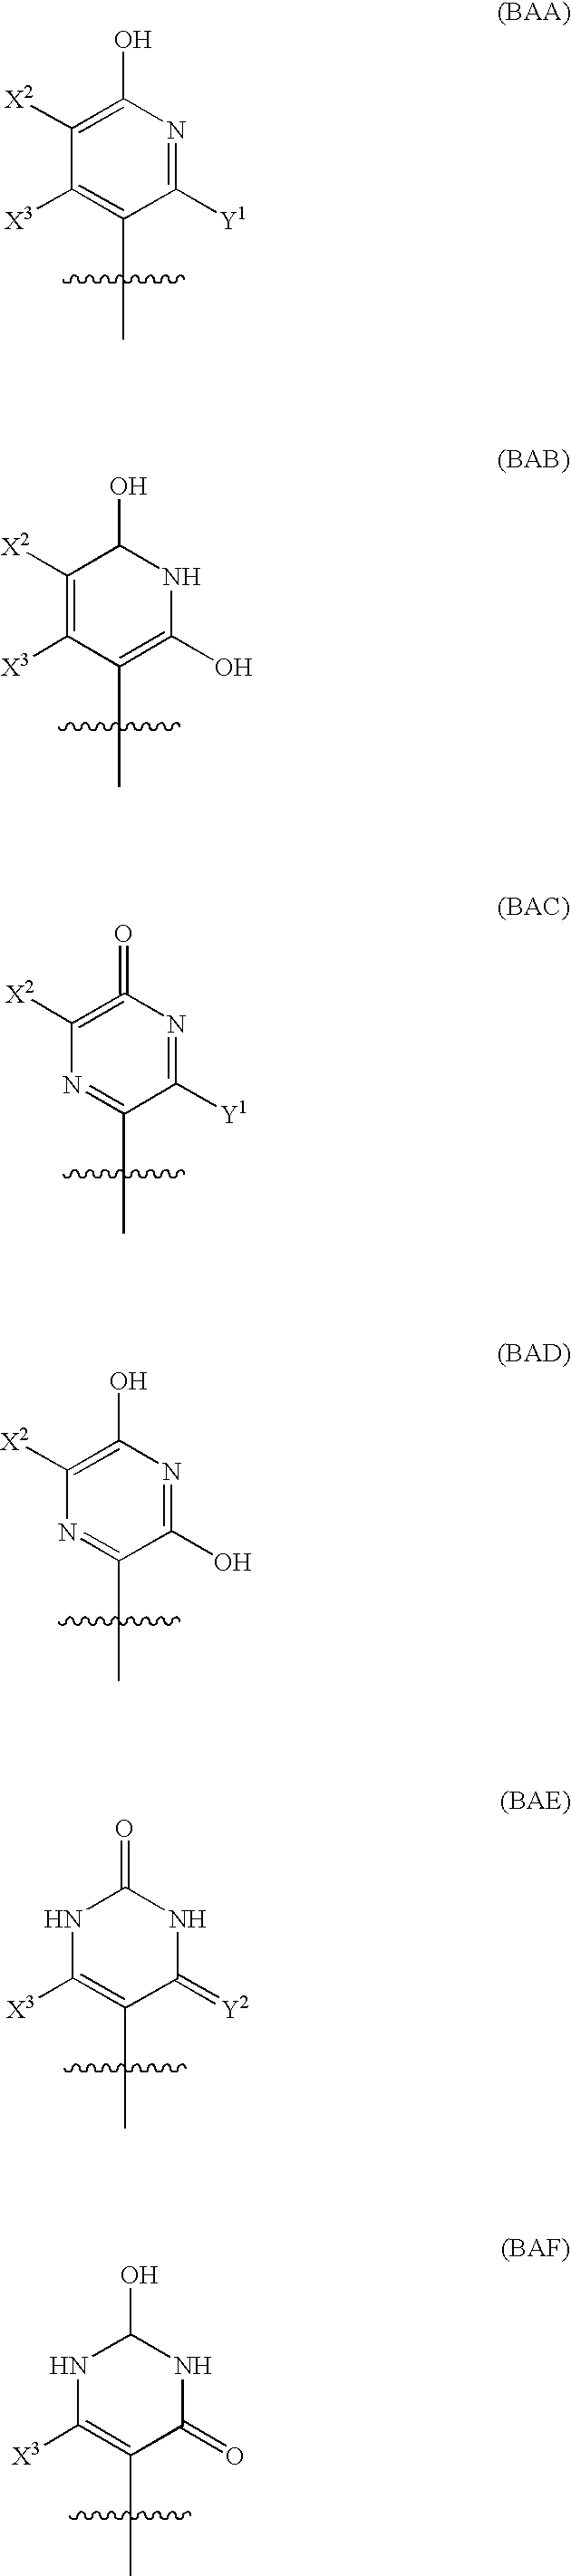 Figure US07384924-20080610-C00013